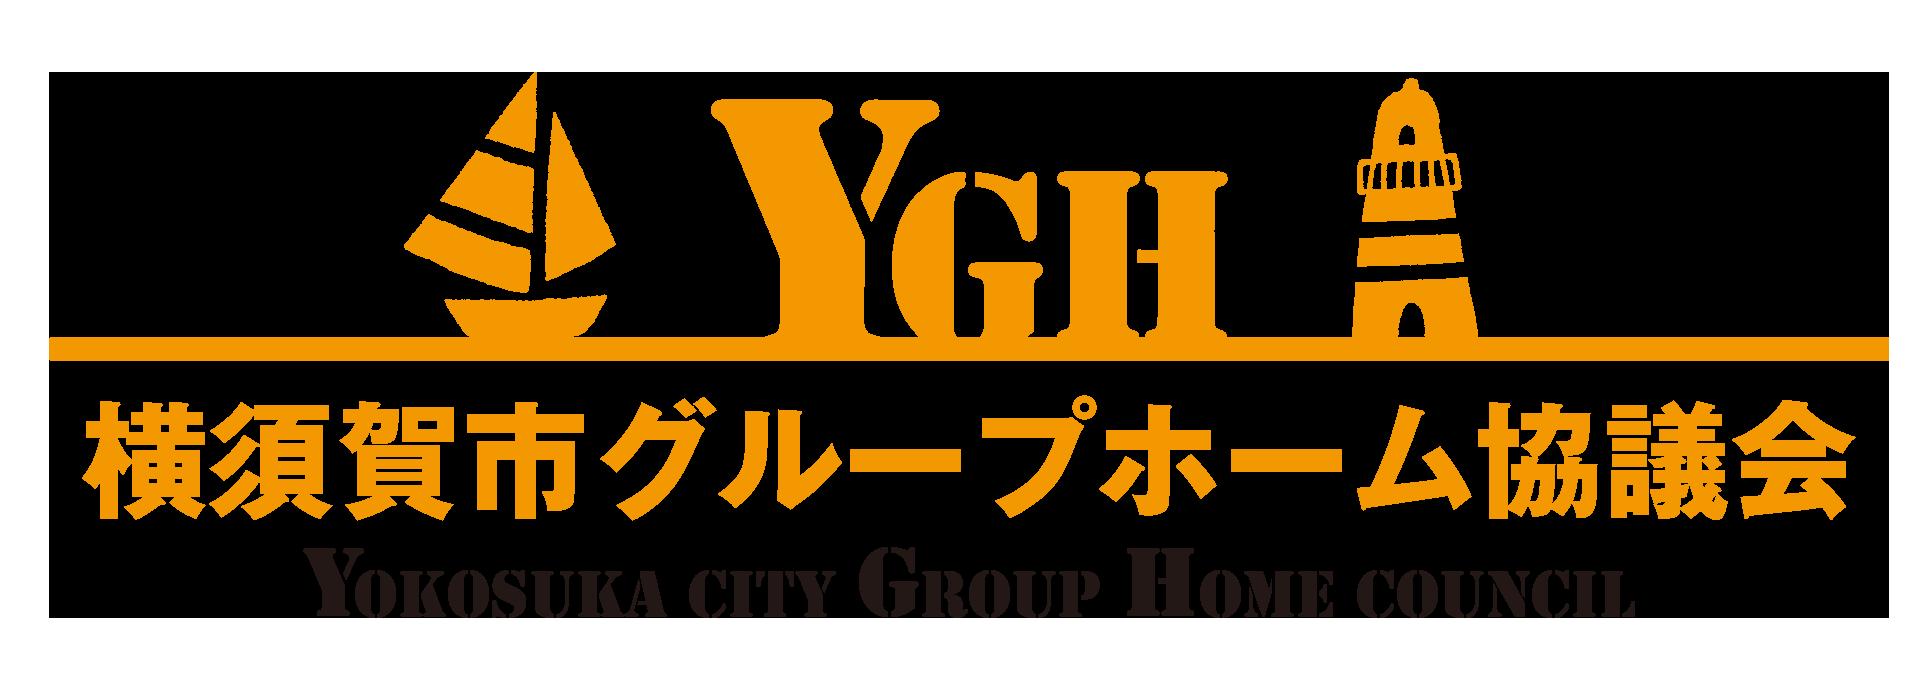 横須賀市グループホーム協議会